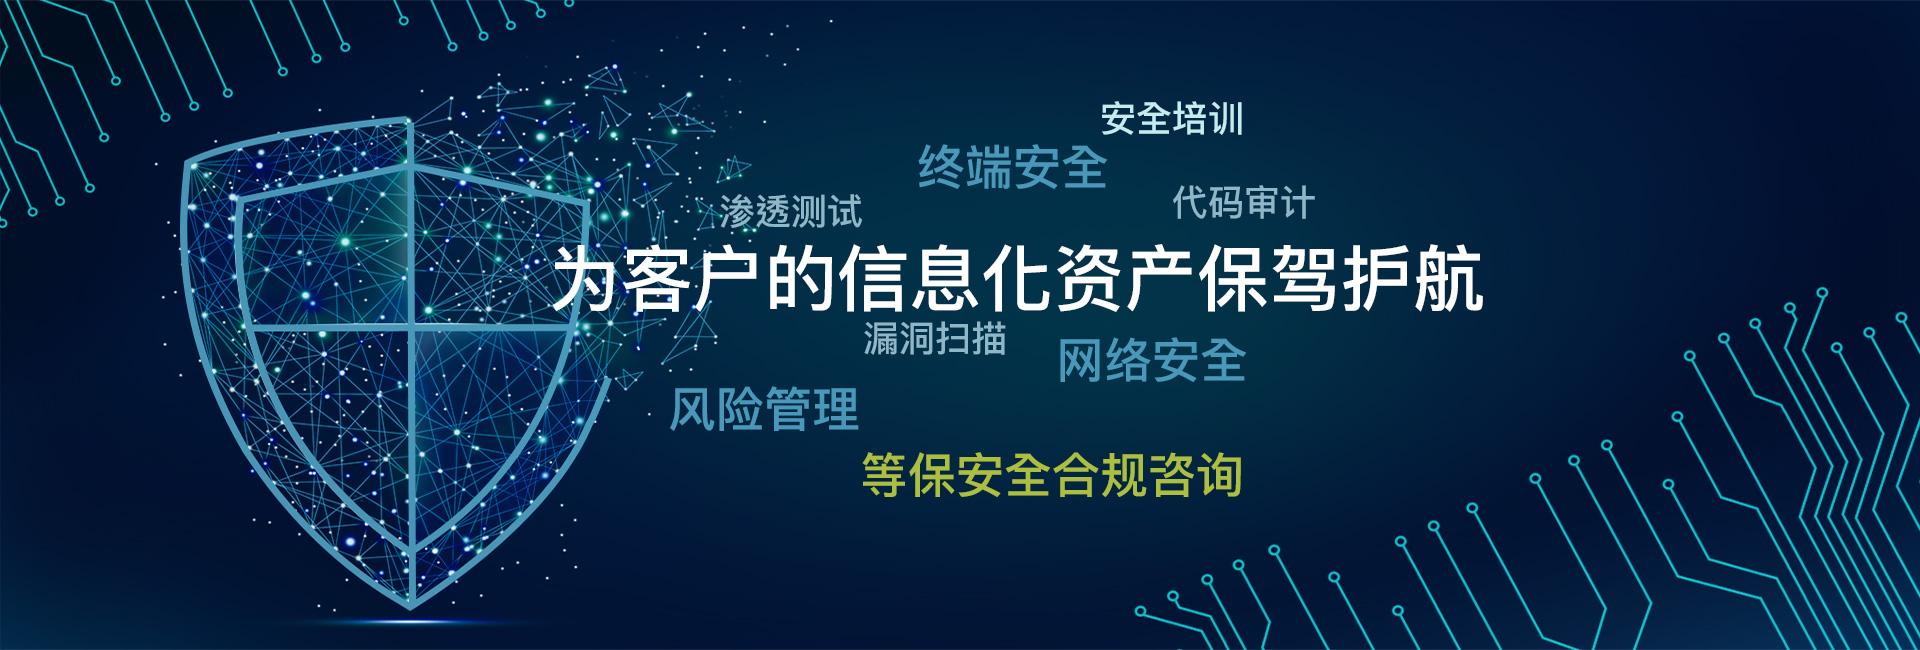 上海观初网络科技有限公司